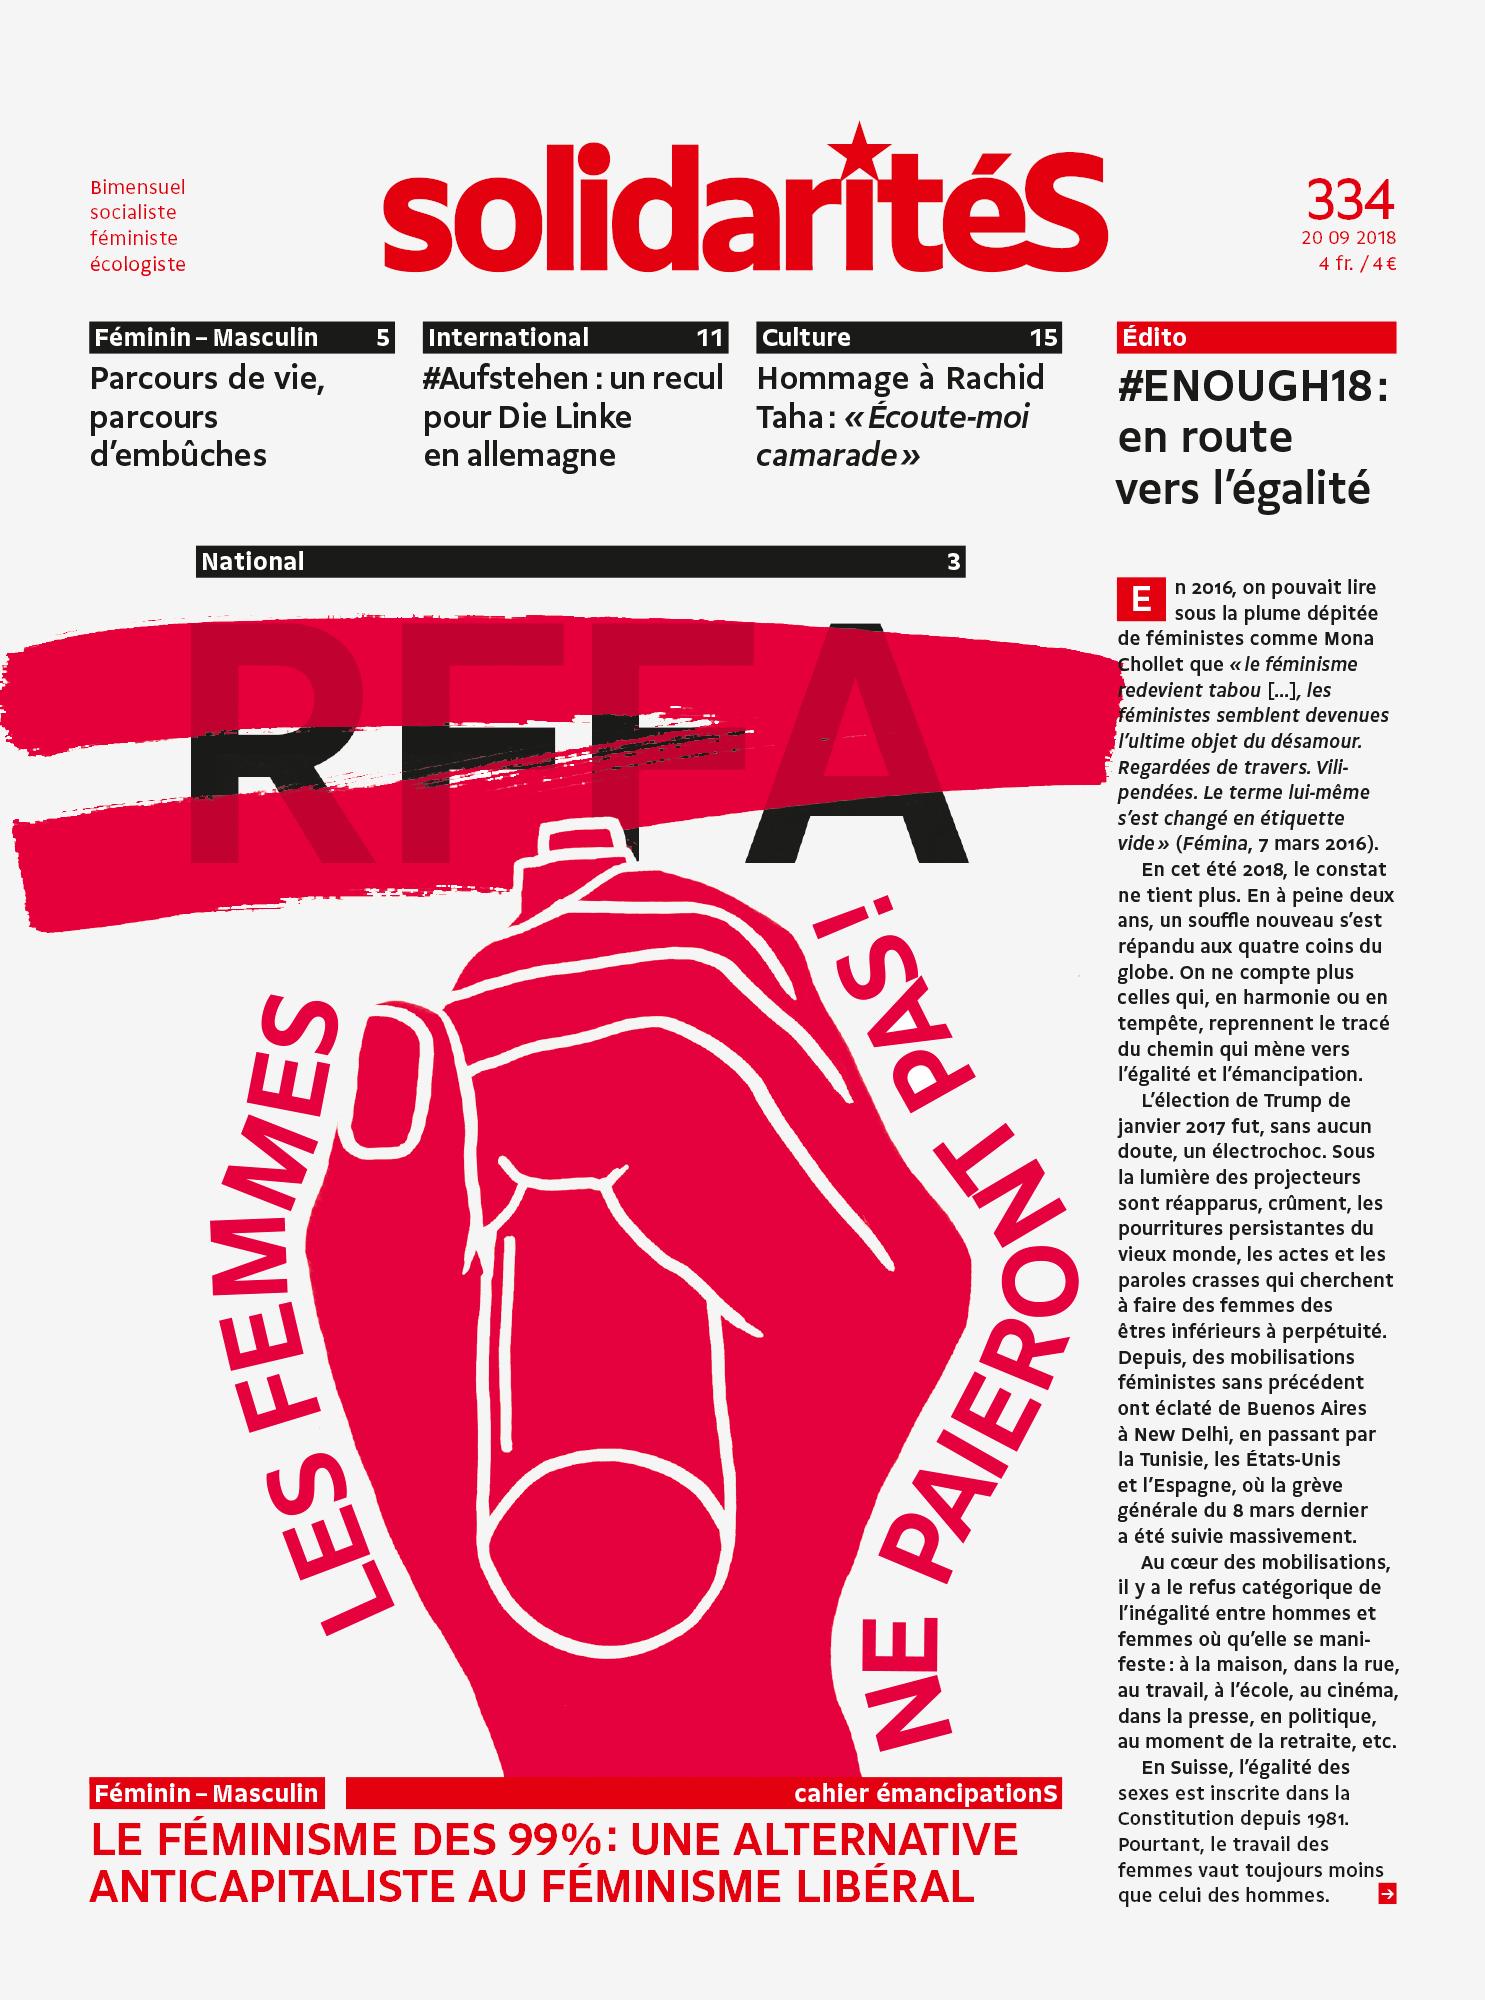 Couverture du numéro 334 de solidaritéS: RFFA: les femmes ne paieront pas!